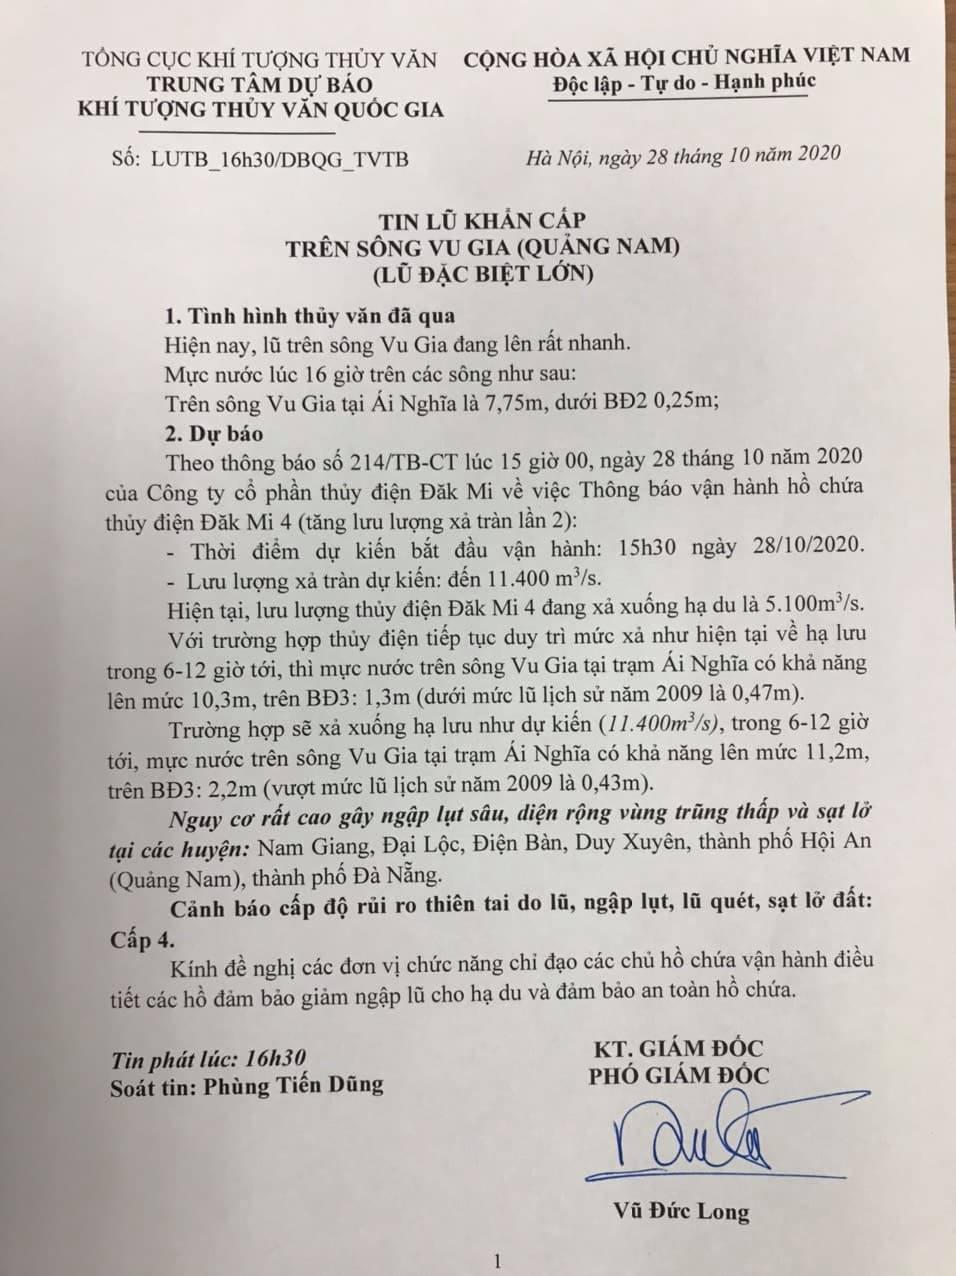 Tin lũ đặc biệt lớn trên sông Vu Gia (Quảng Nam) của Trung tâm Dự báo Khí tượng thủy văn Quốc gia. Ảnh: Dân Việt